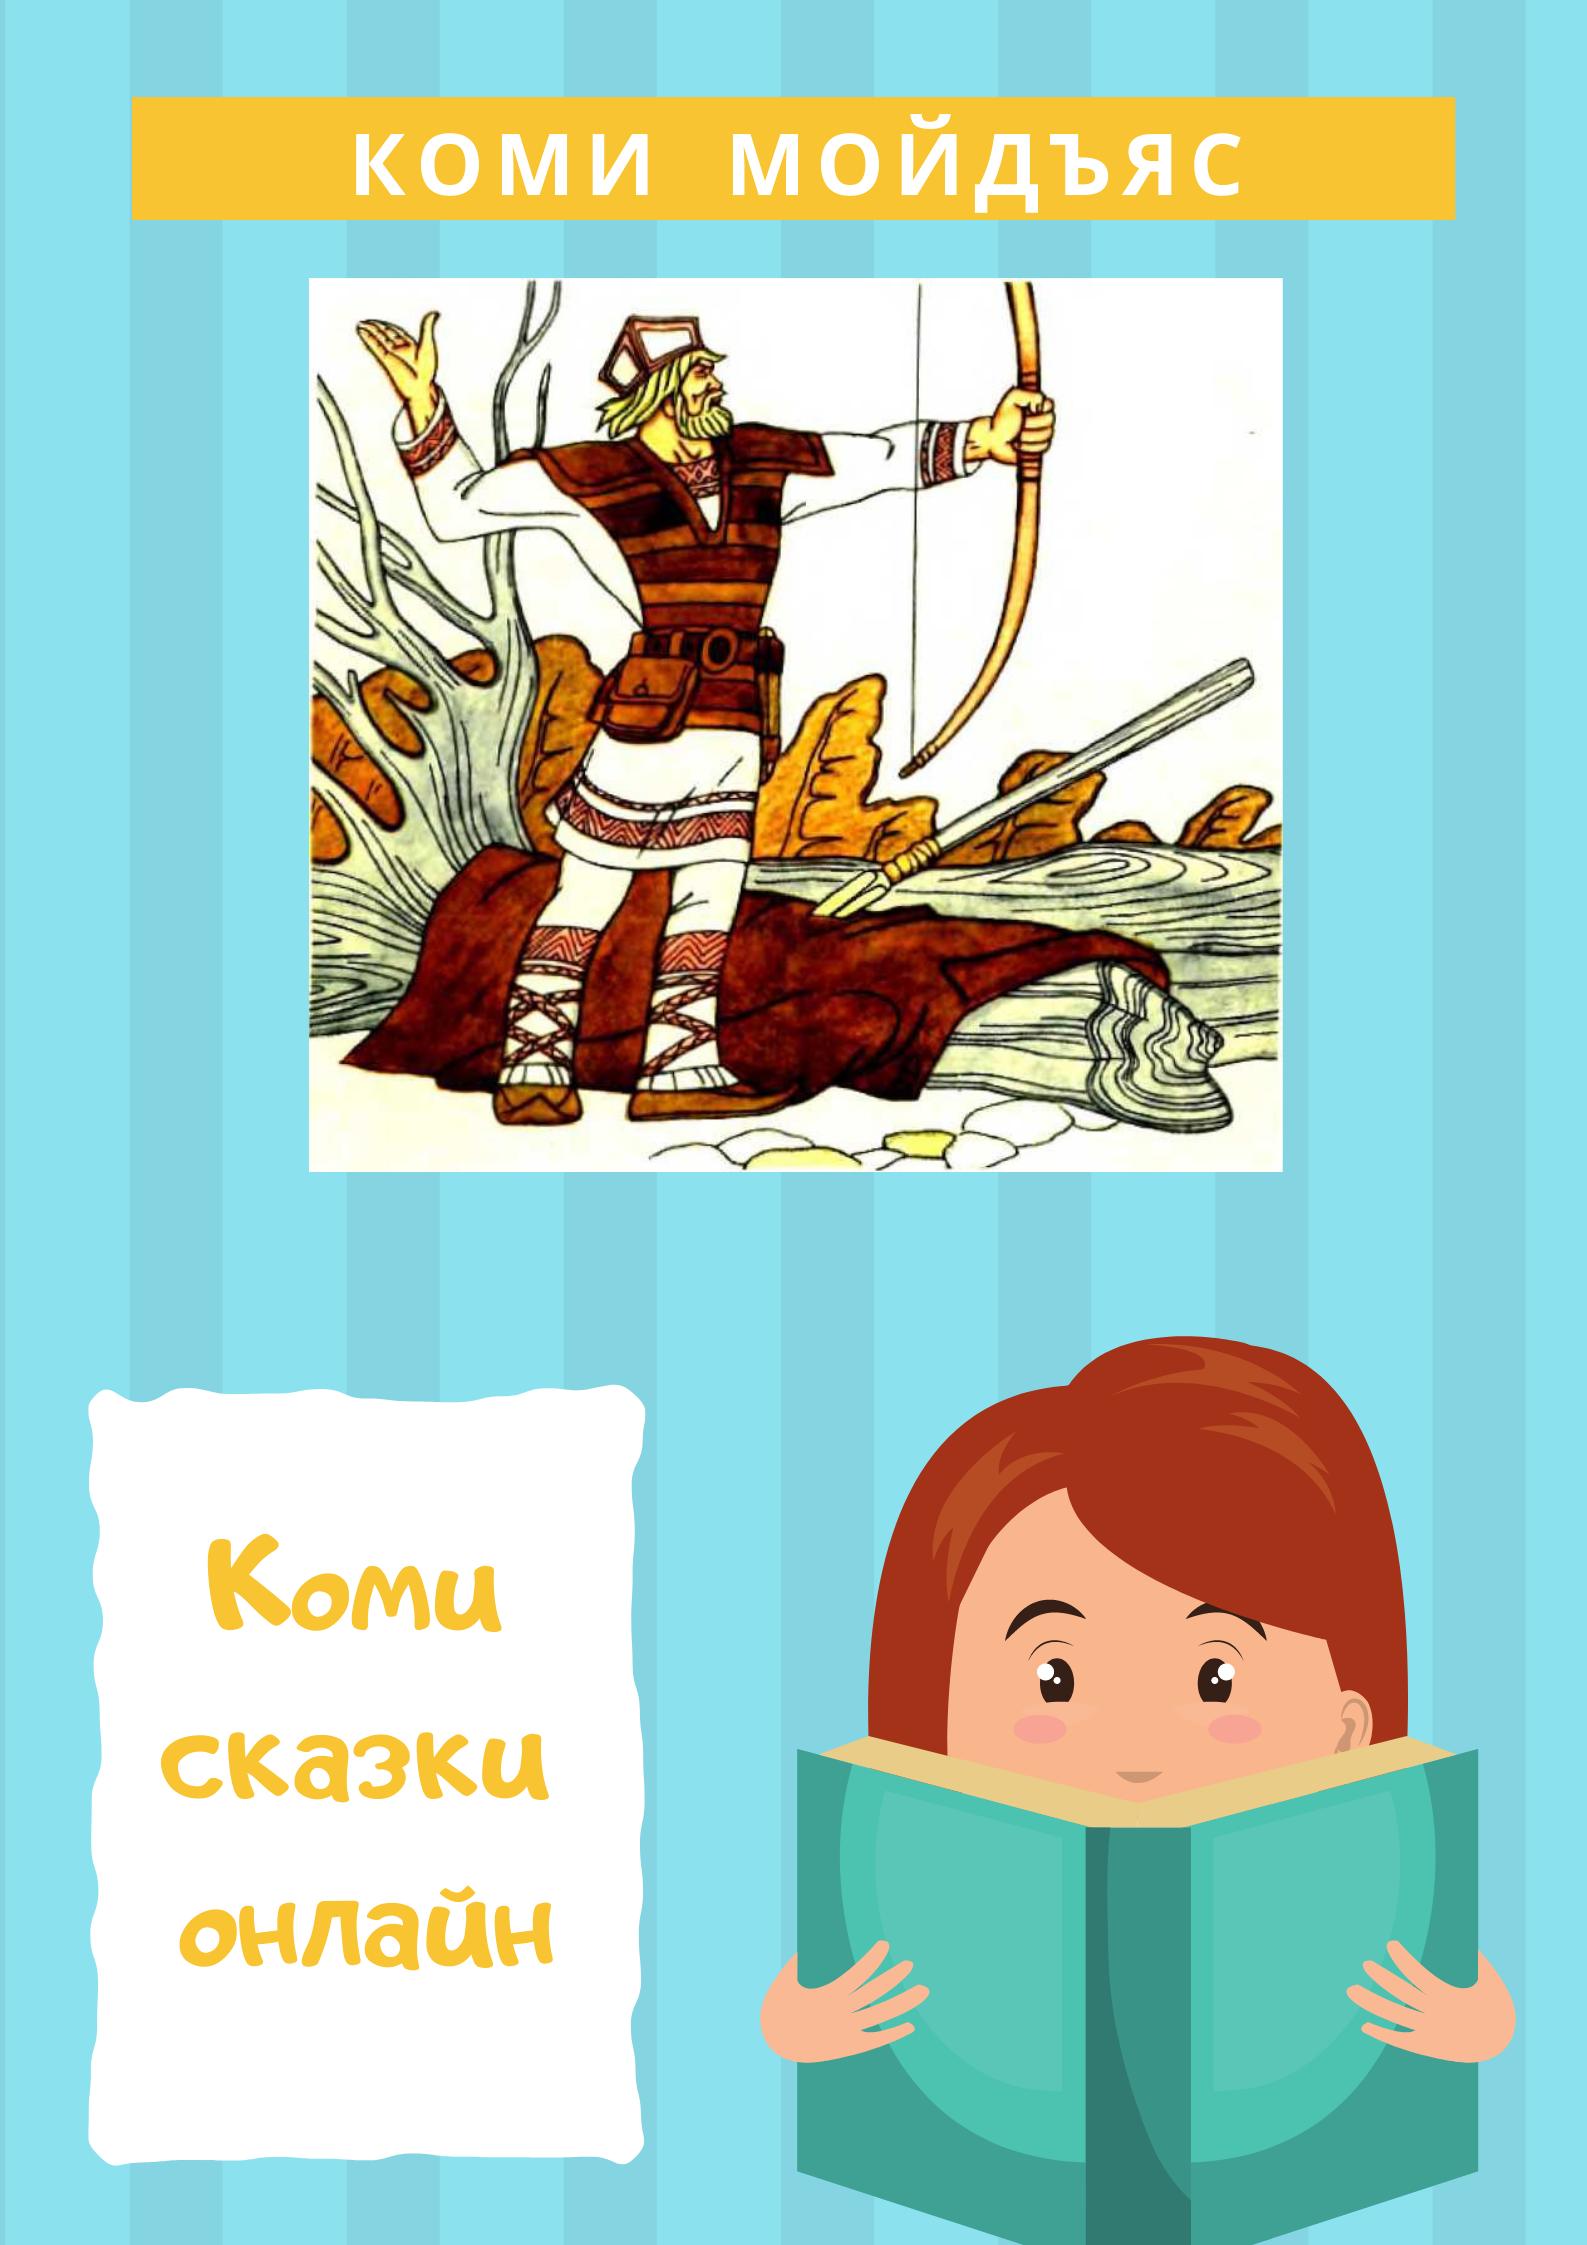 «Чем больше читаешь, тем больше знаешь. Чем больше знаешь, тем большего достигаешь» (2)